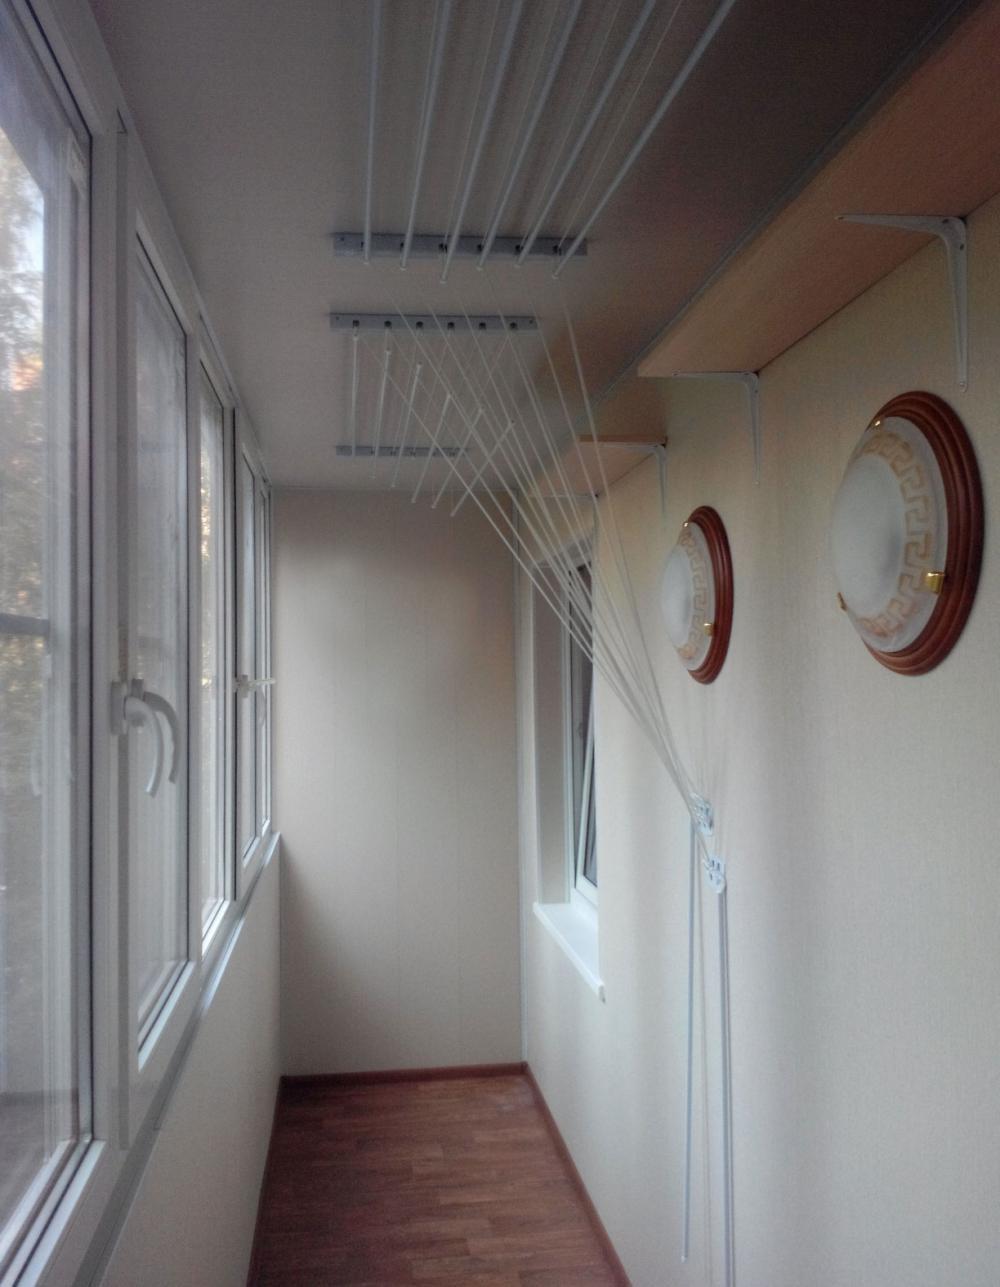 Примеры отделки балконов и лоджий гипсокартоном.